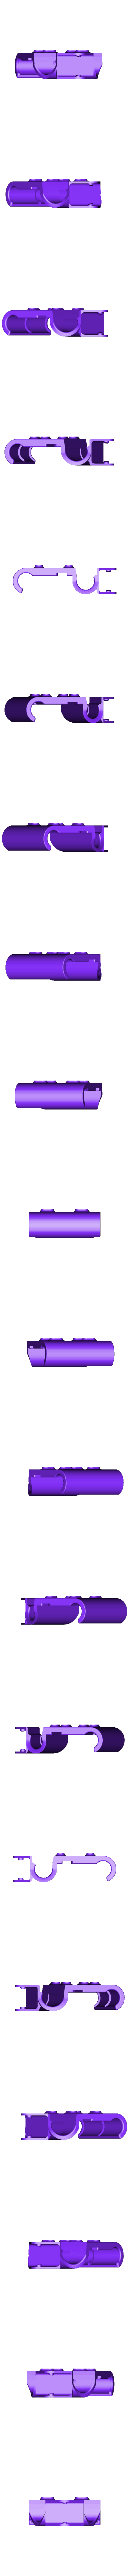 x_carriage_slotted_endlesshunt_variant.stl Télécharger fichier STL gratuit Prusa i3 X-Carriage Prusa sans fermeture à glissière • Plan pour imprimante 3D, Palemar